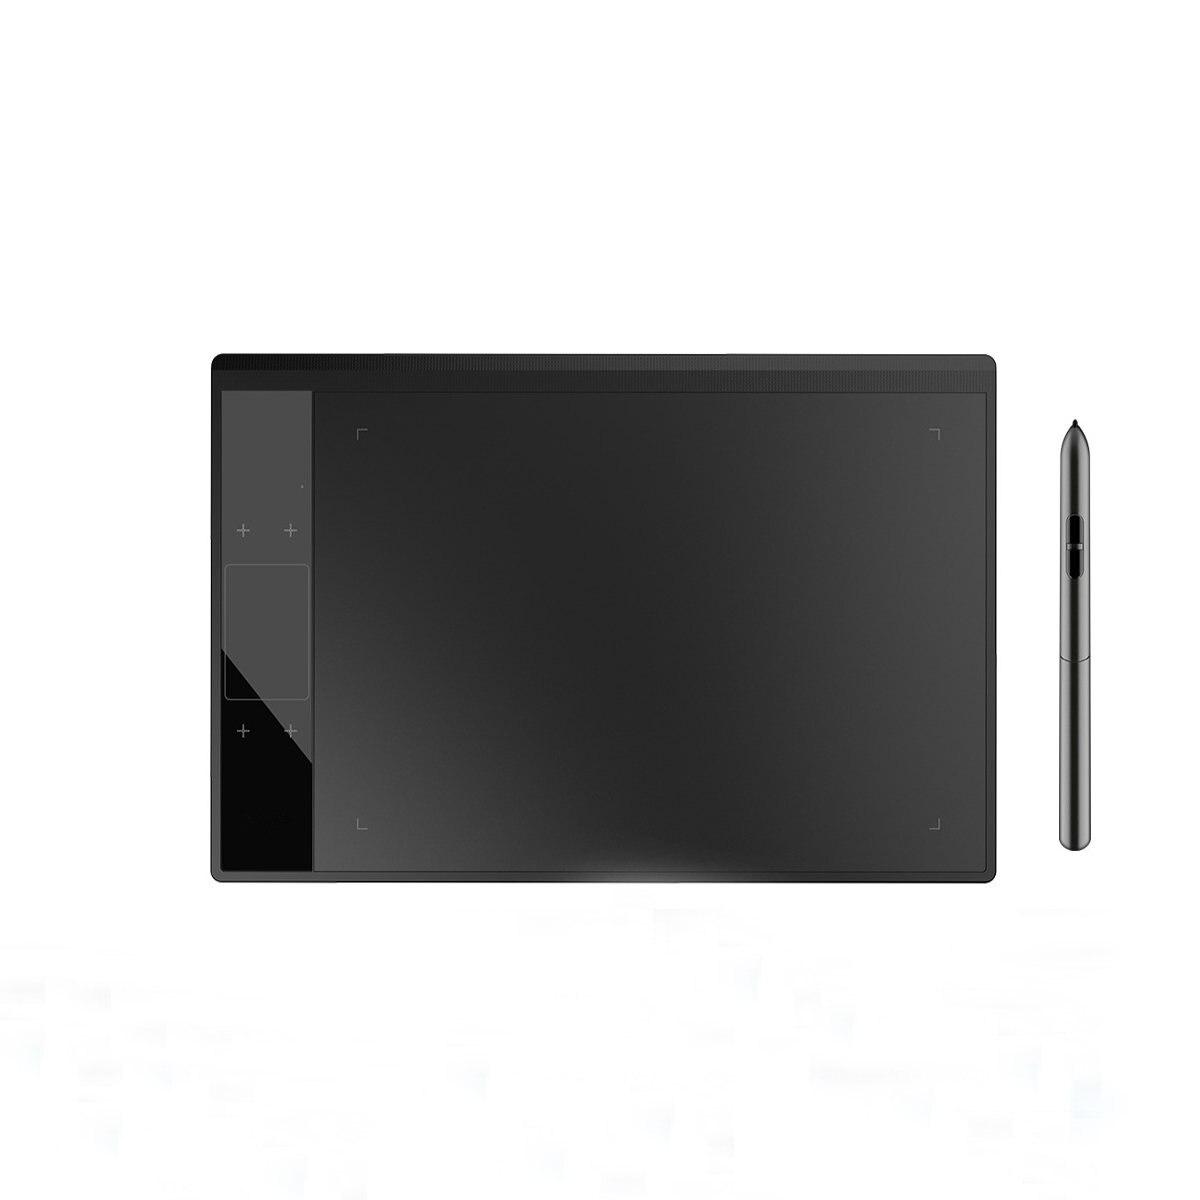 Tablette de dessin graphique A30 pour illustrateur 10x6 pouces grande zone Active bloc de dessin numérique avec stylo passif 8192 niveaux - 2